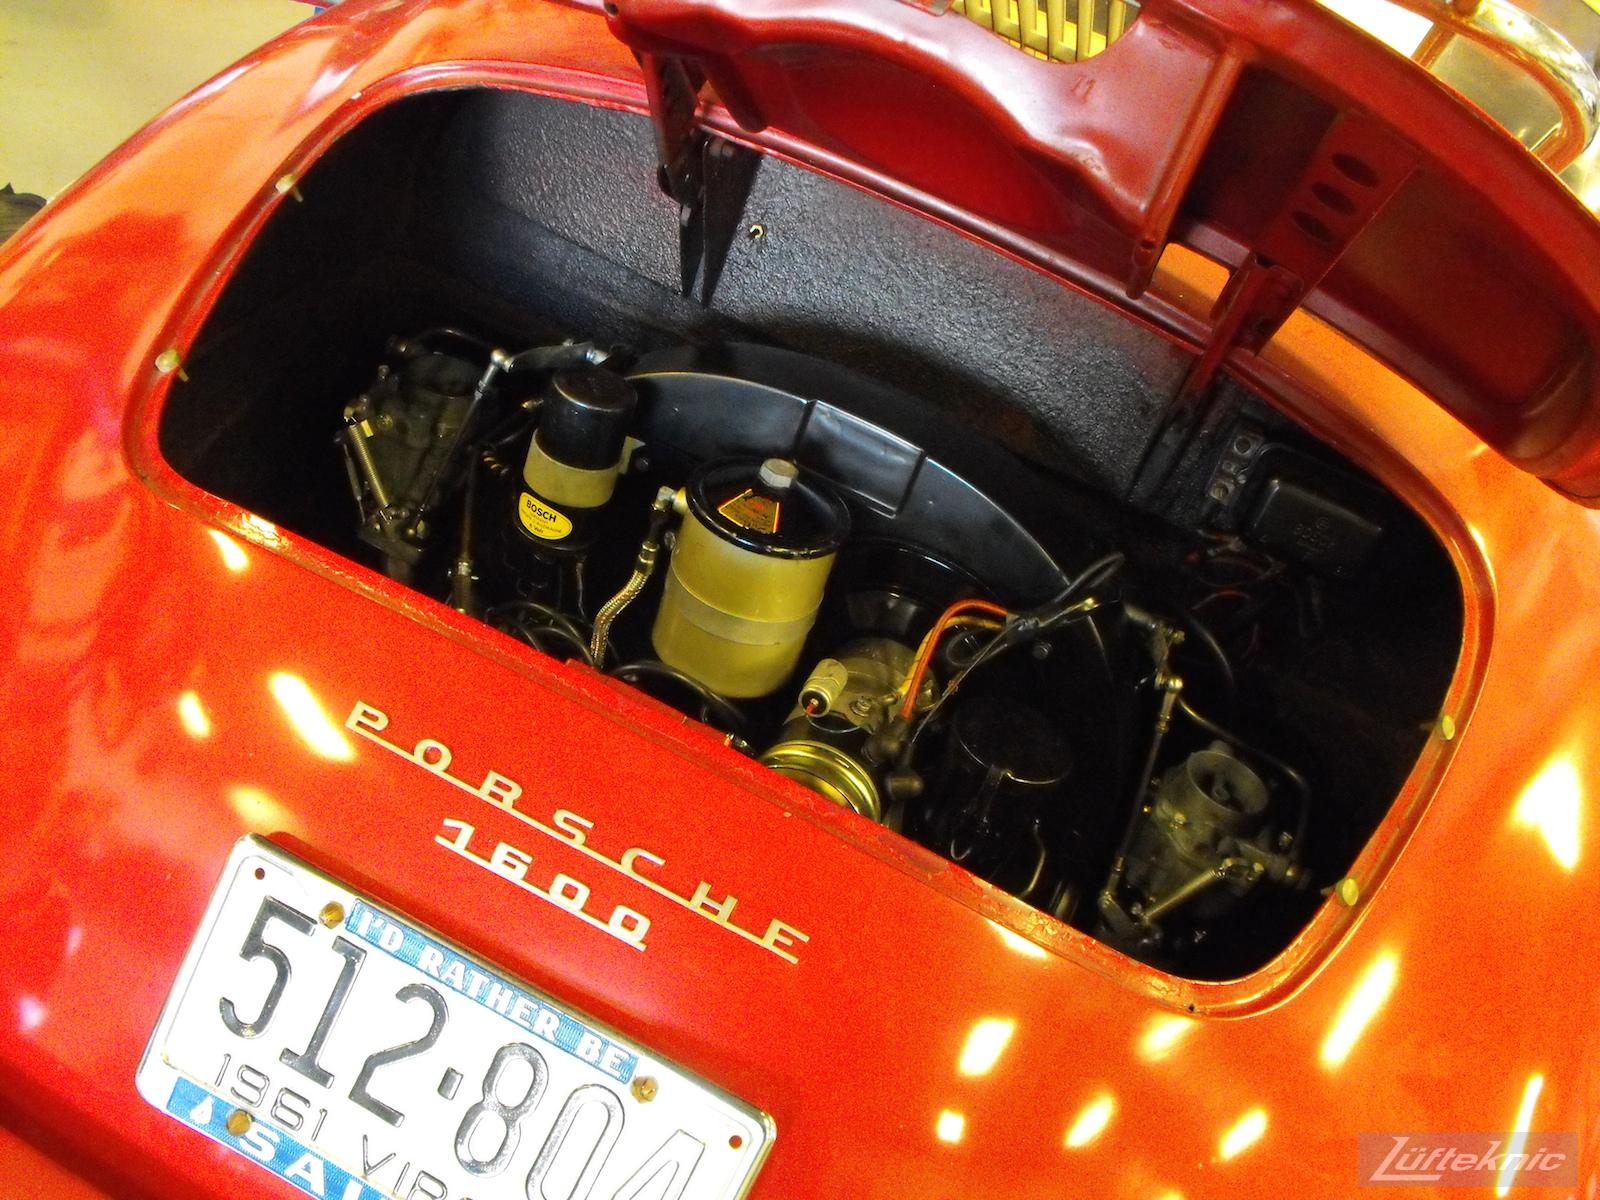 Engine installed in a 1961 Porsche 356B Roadster restoration.